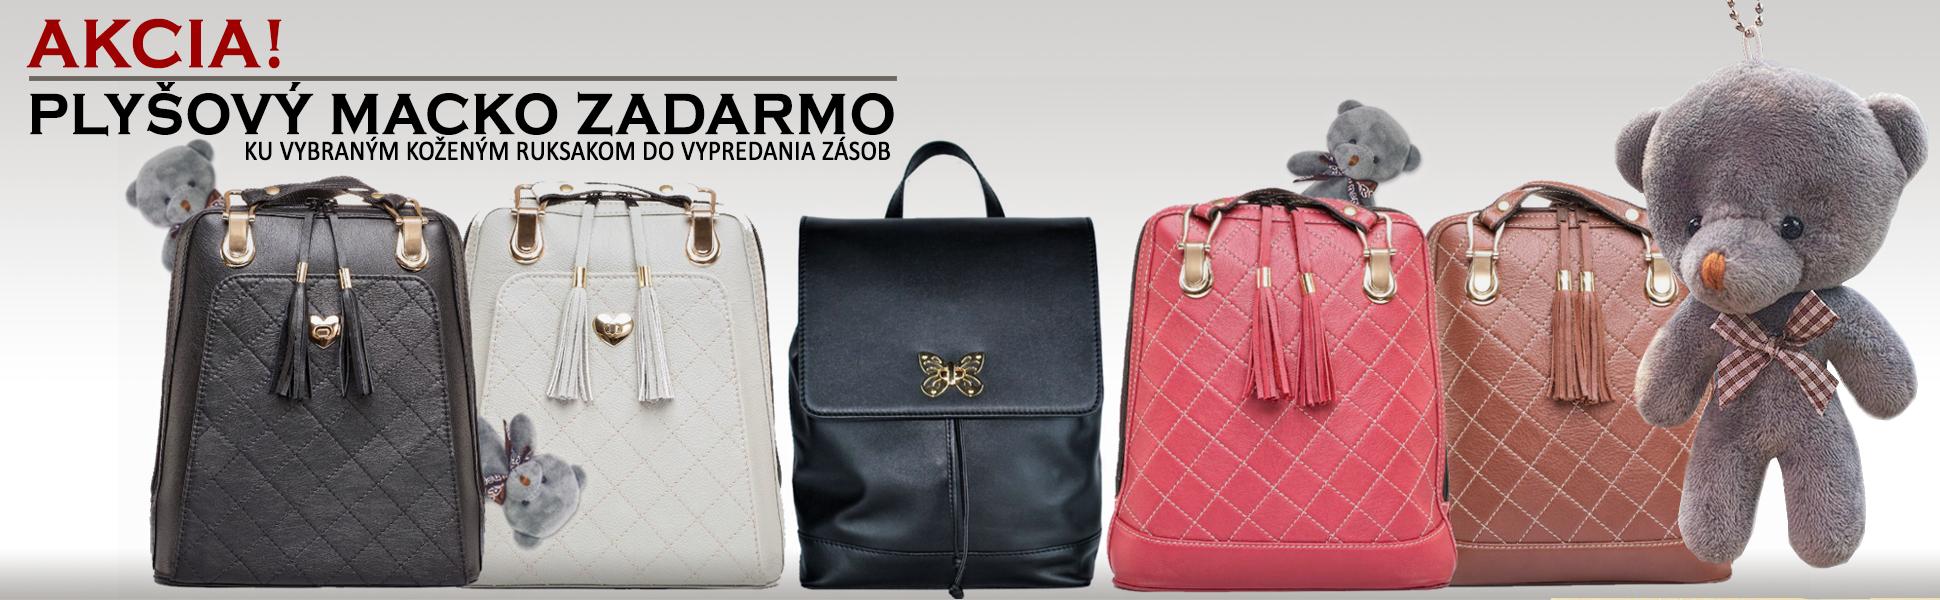 Ku koženým ruksakom plyšový macko zadarmo, akcia na kožené ruksaky a batohy